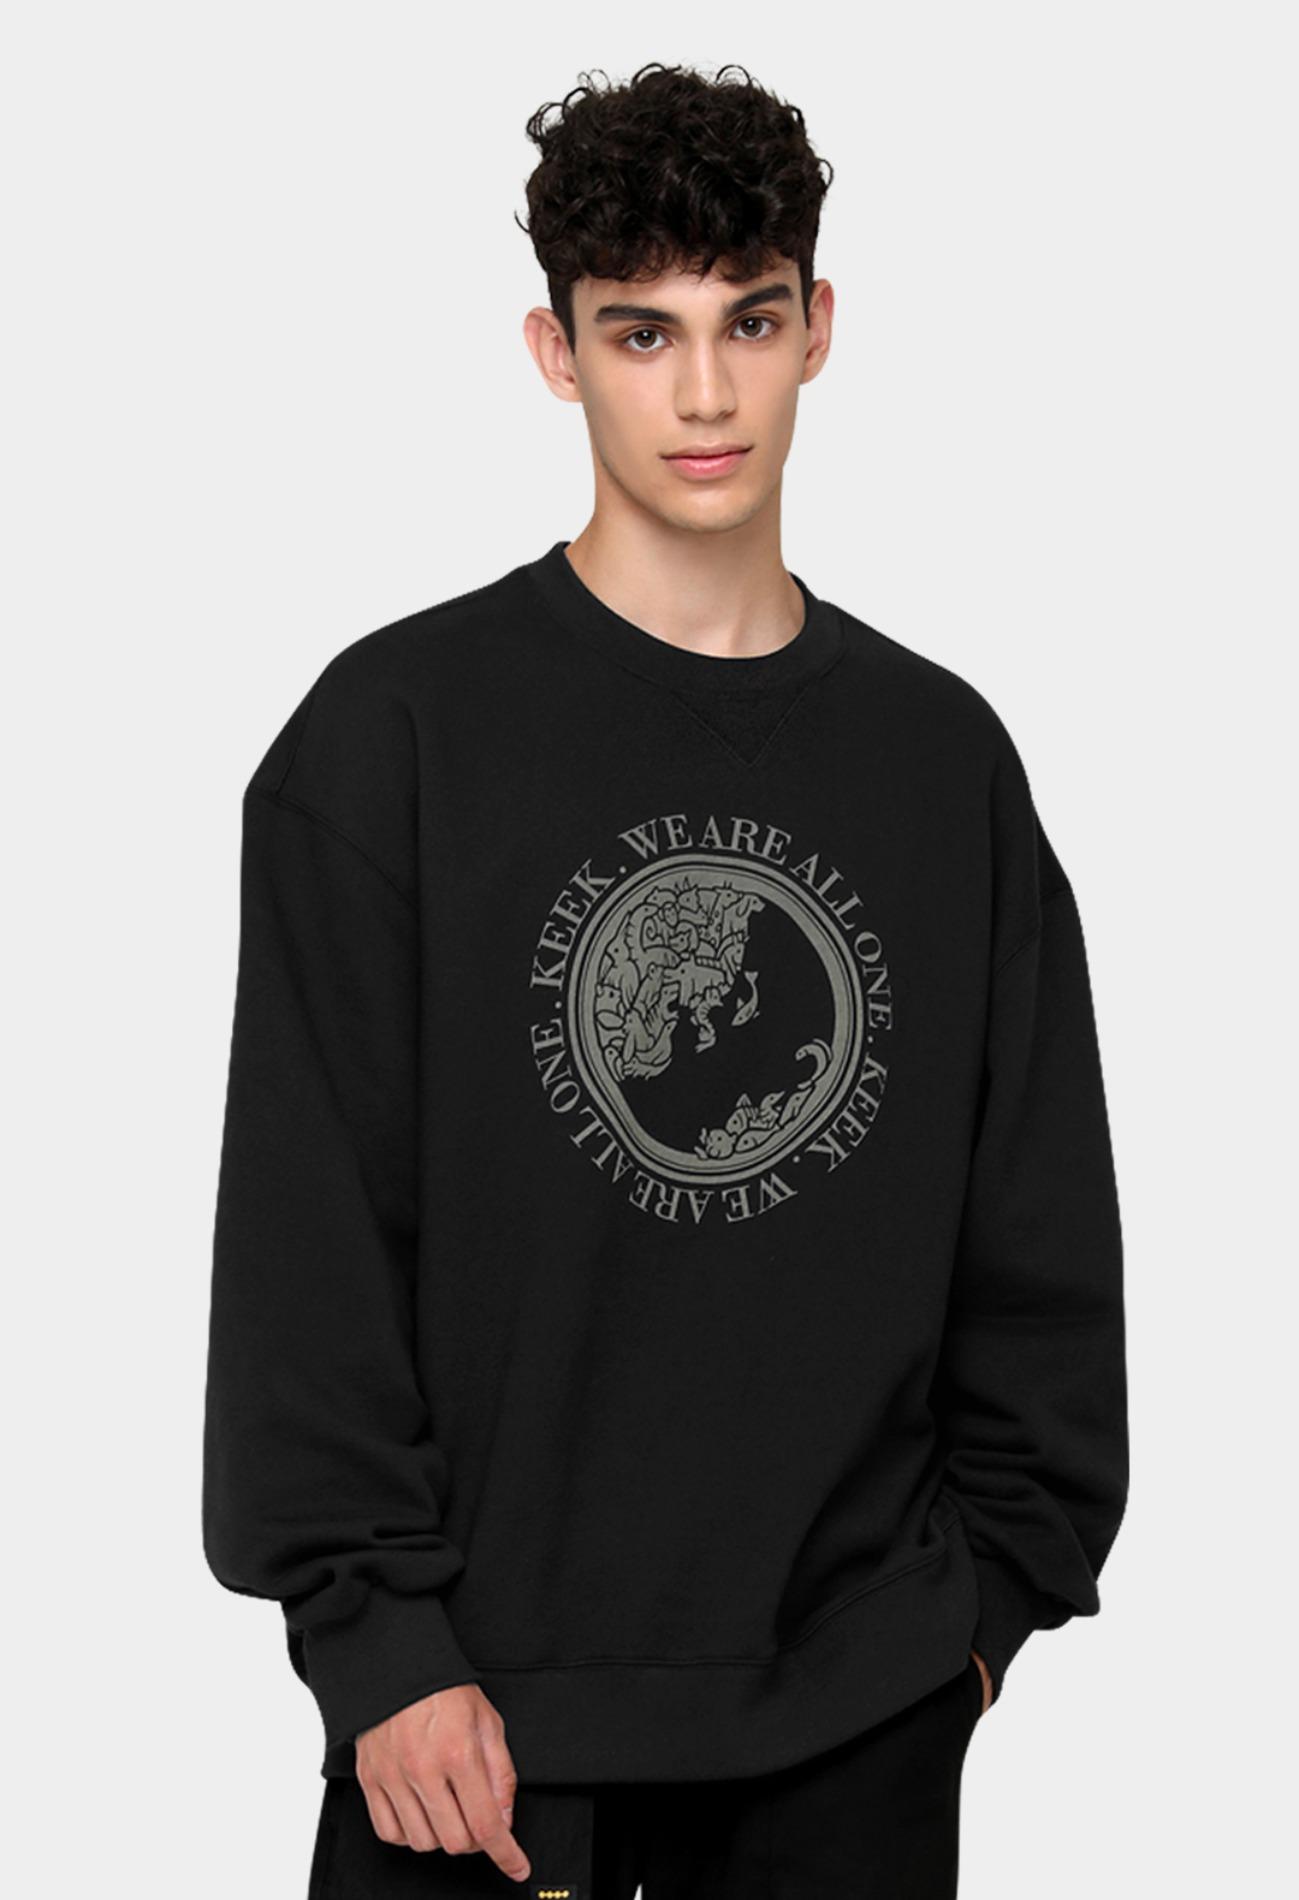 keek [Unisex] Earth Sweatshirts - Black 스트릿패션 유니섹스브랜드 커플시밀러룩 남자쇼핑몰 여성의류쇼핑몰 후드티 힙색